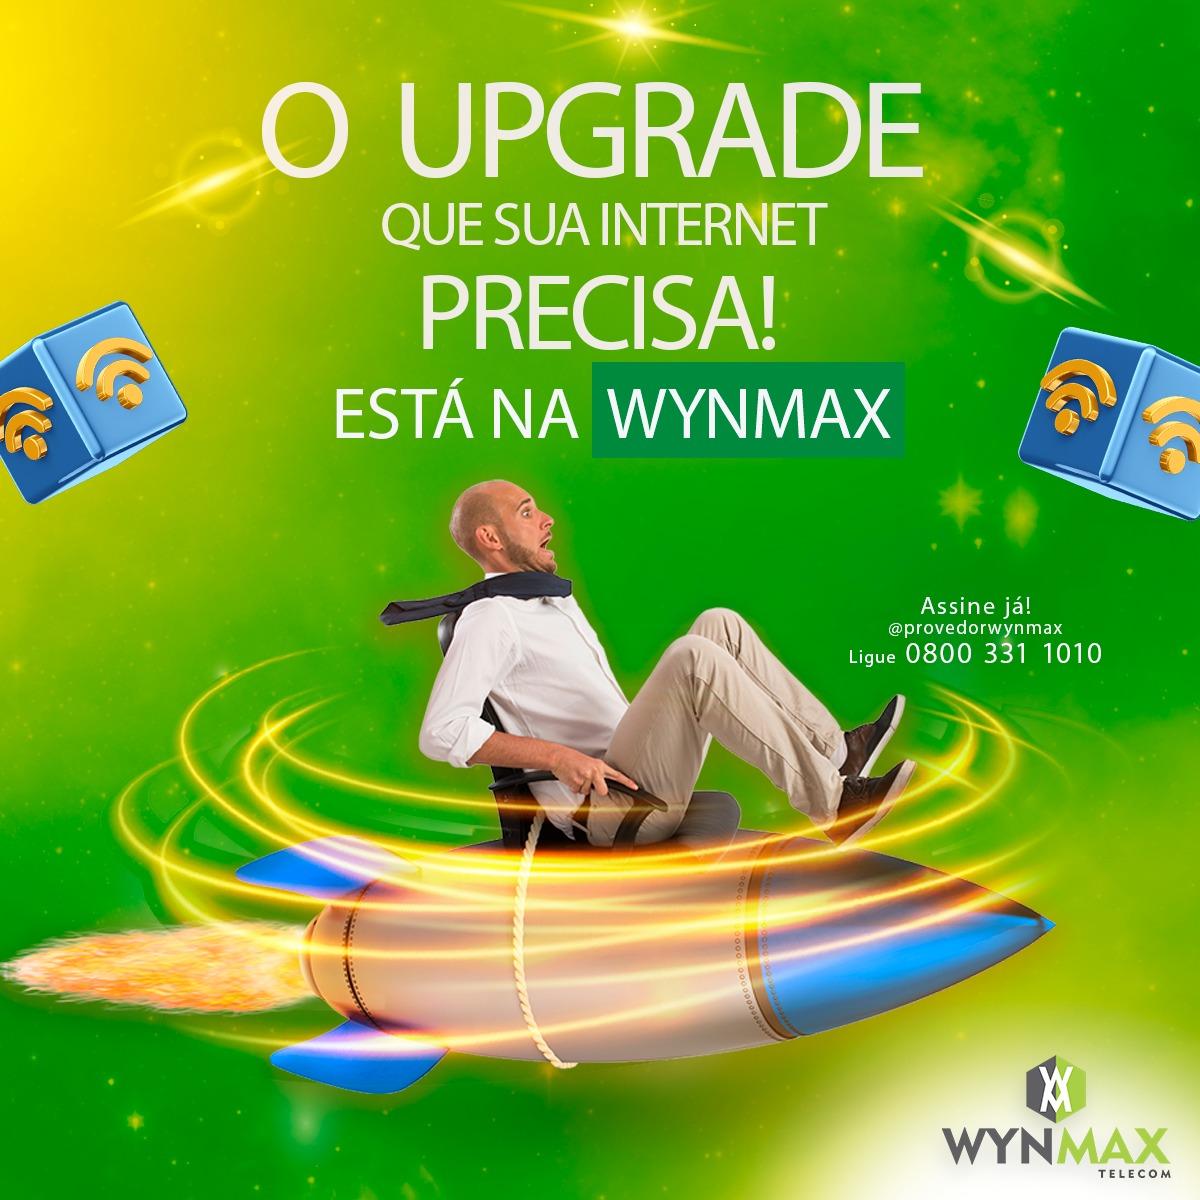 O Upgrade que sua internet precisa tá na Wynmax! Assine hoje mesmo! - Imagem 1